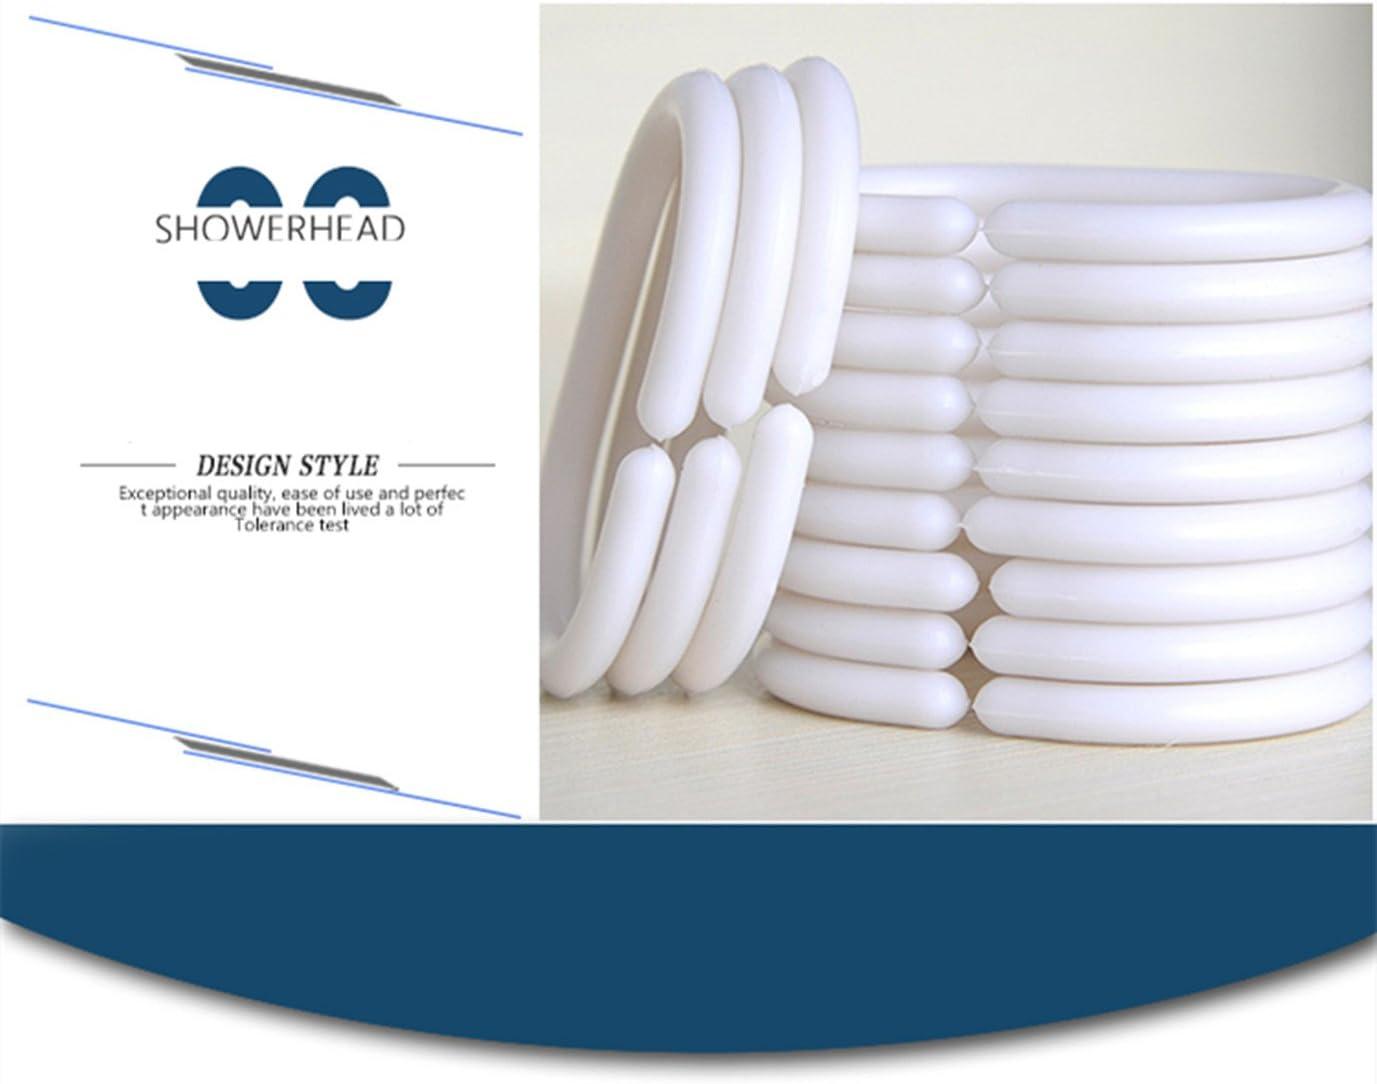 B*H 180 * 180cm Muster-b X-Labor Rideau de douche imperm/éable en tissu anti-moisissure avec 12 anneaux de rideau de douche lavable 240 x 200 cm